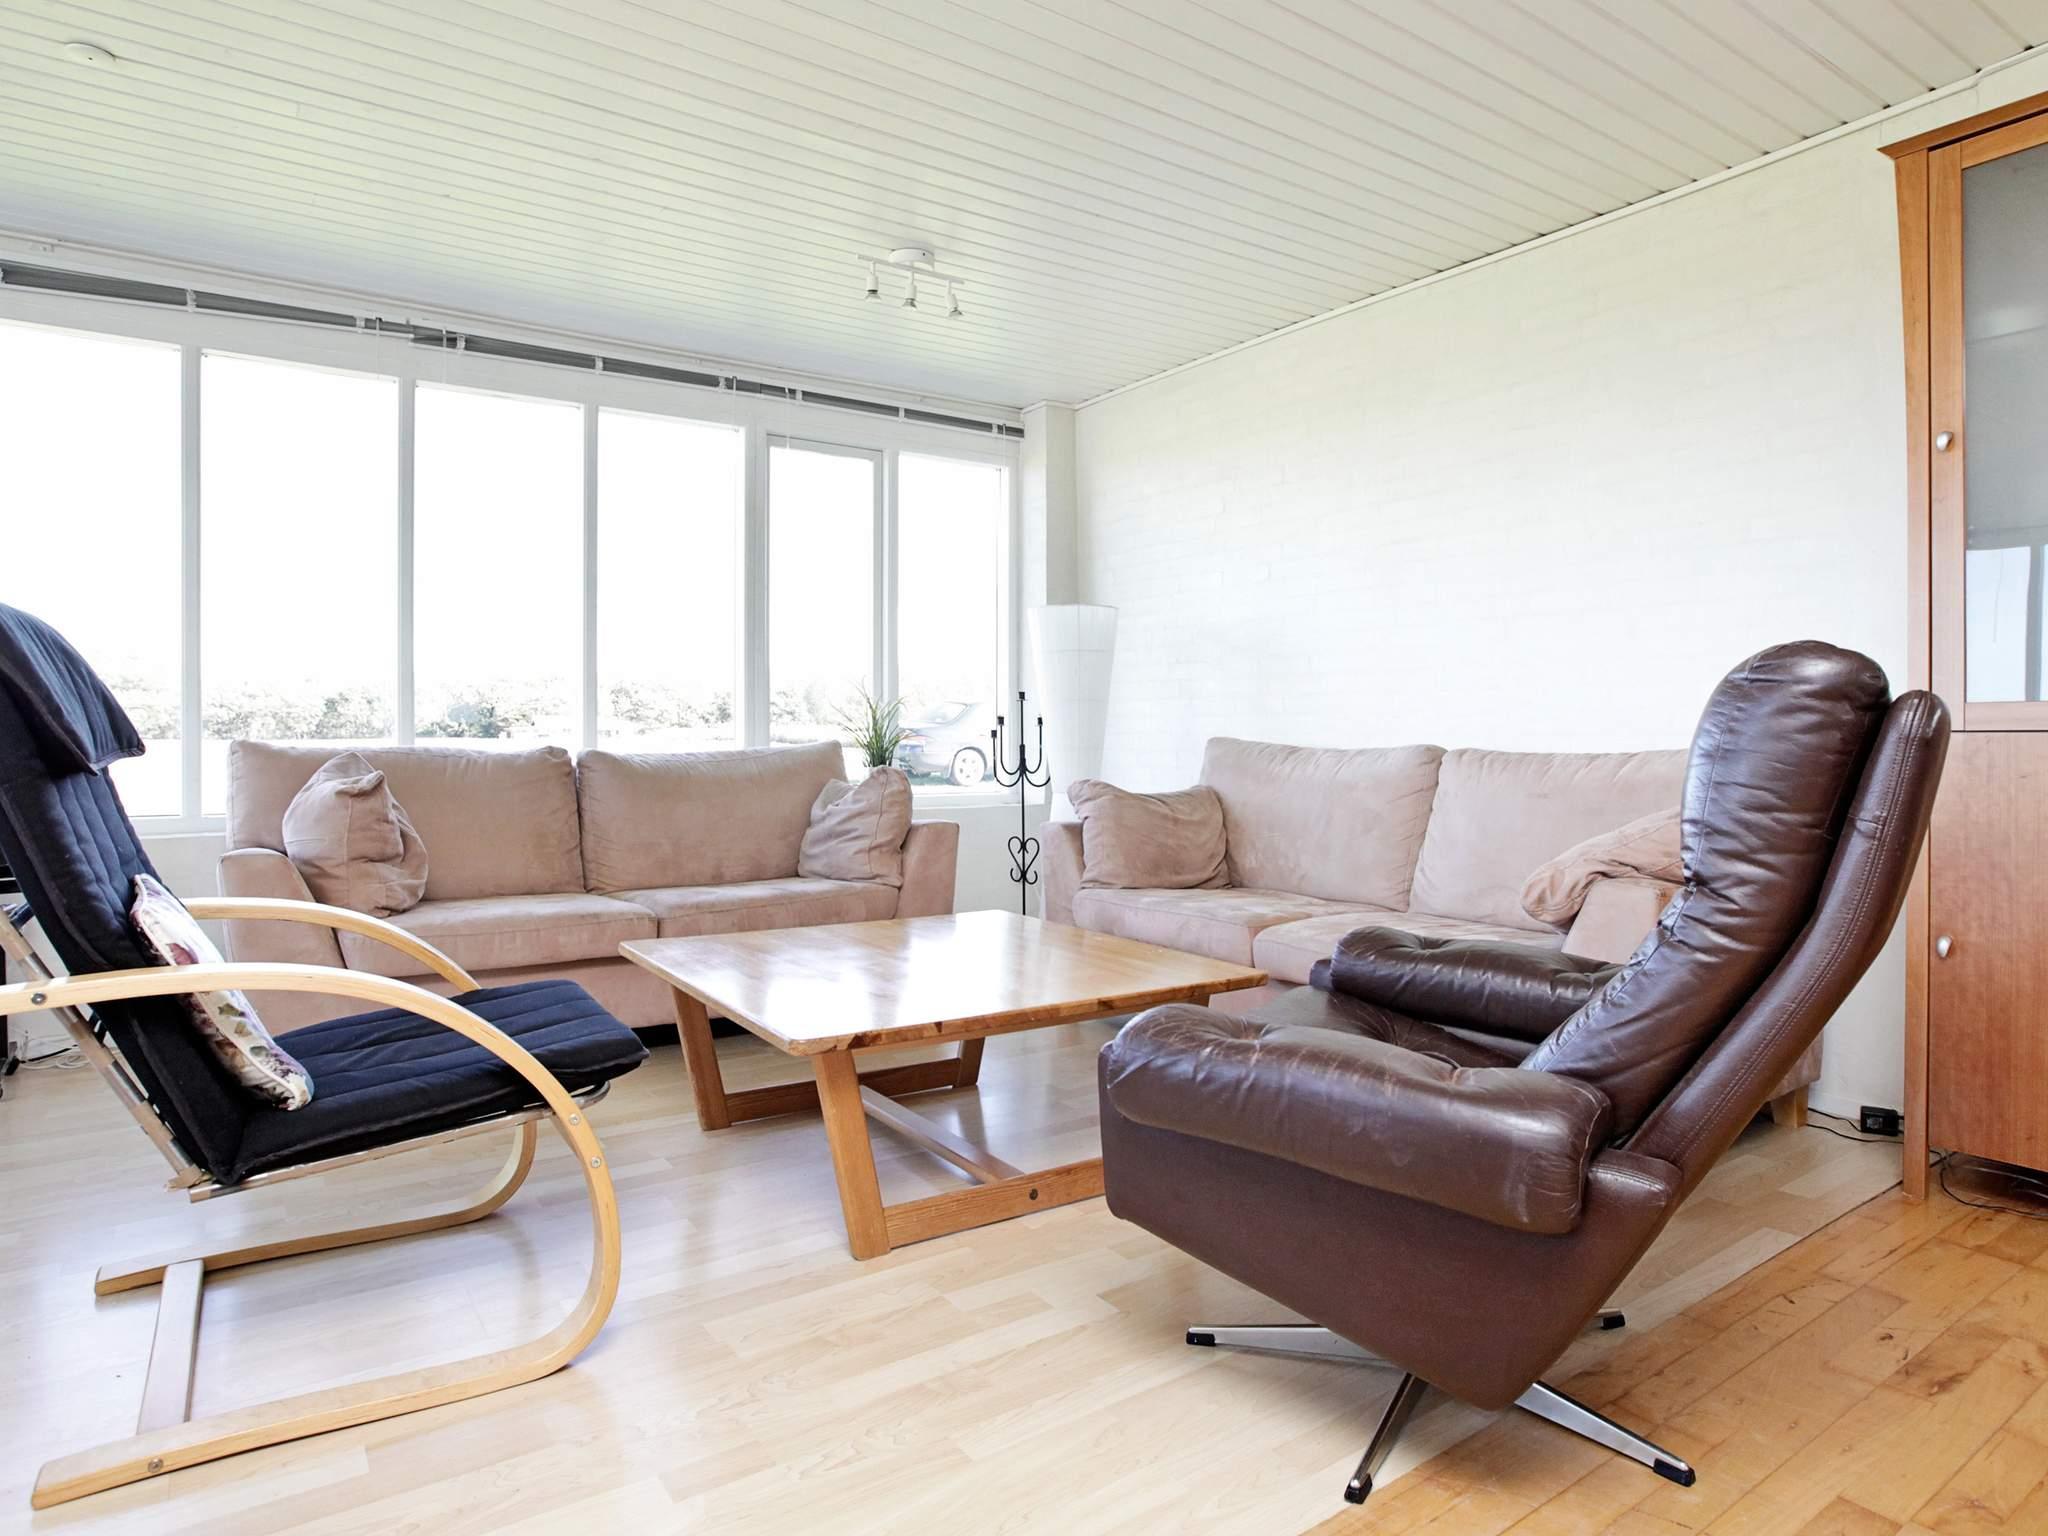 Ferienhaus Skåstrup Strand (420074), Skåstrup, , Fünen, Dänemark, Bild 11